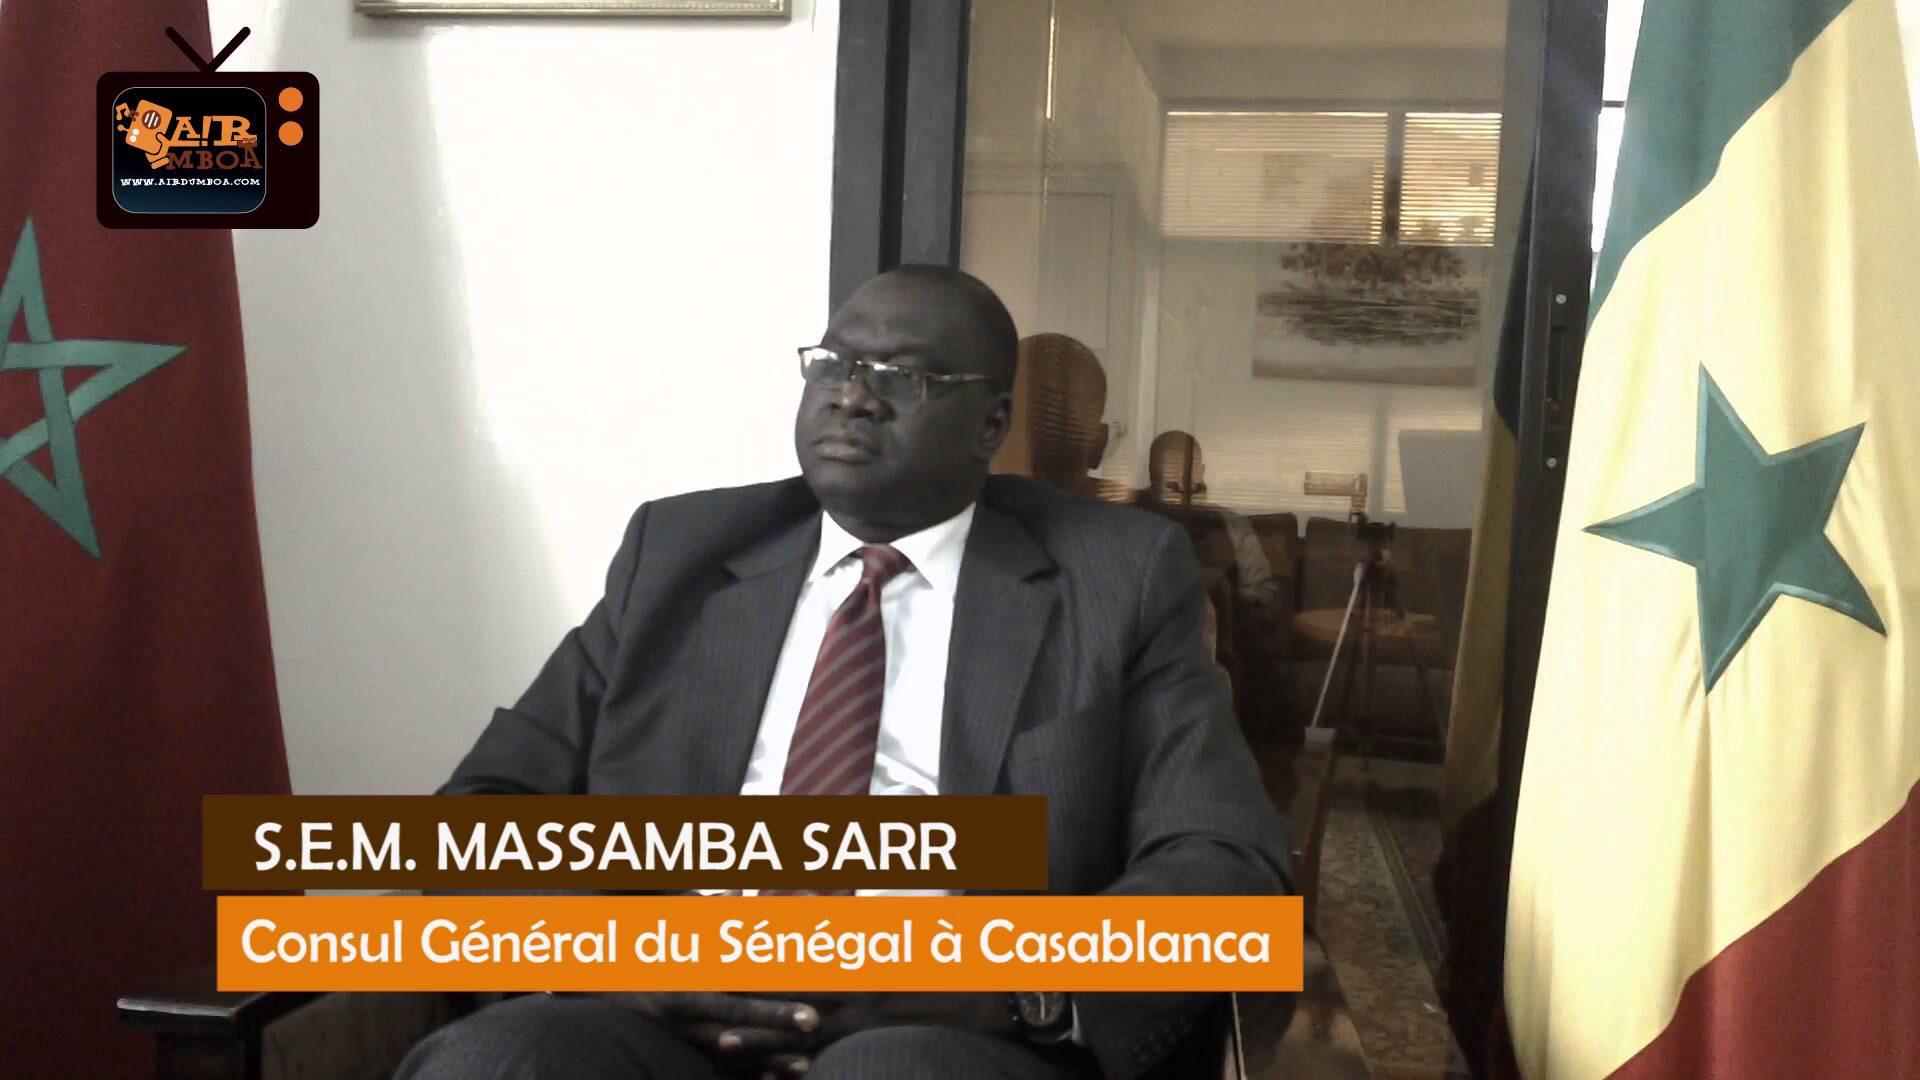 17 pêcheurs sénégalais en procédure de reconduite vers le Sénégal : le Consulat Général au Maroc dépêche une mission urgente.